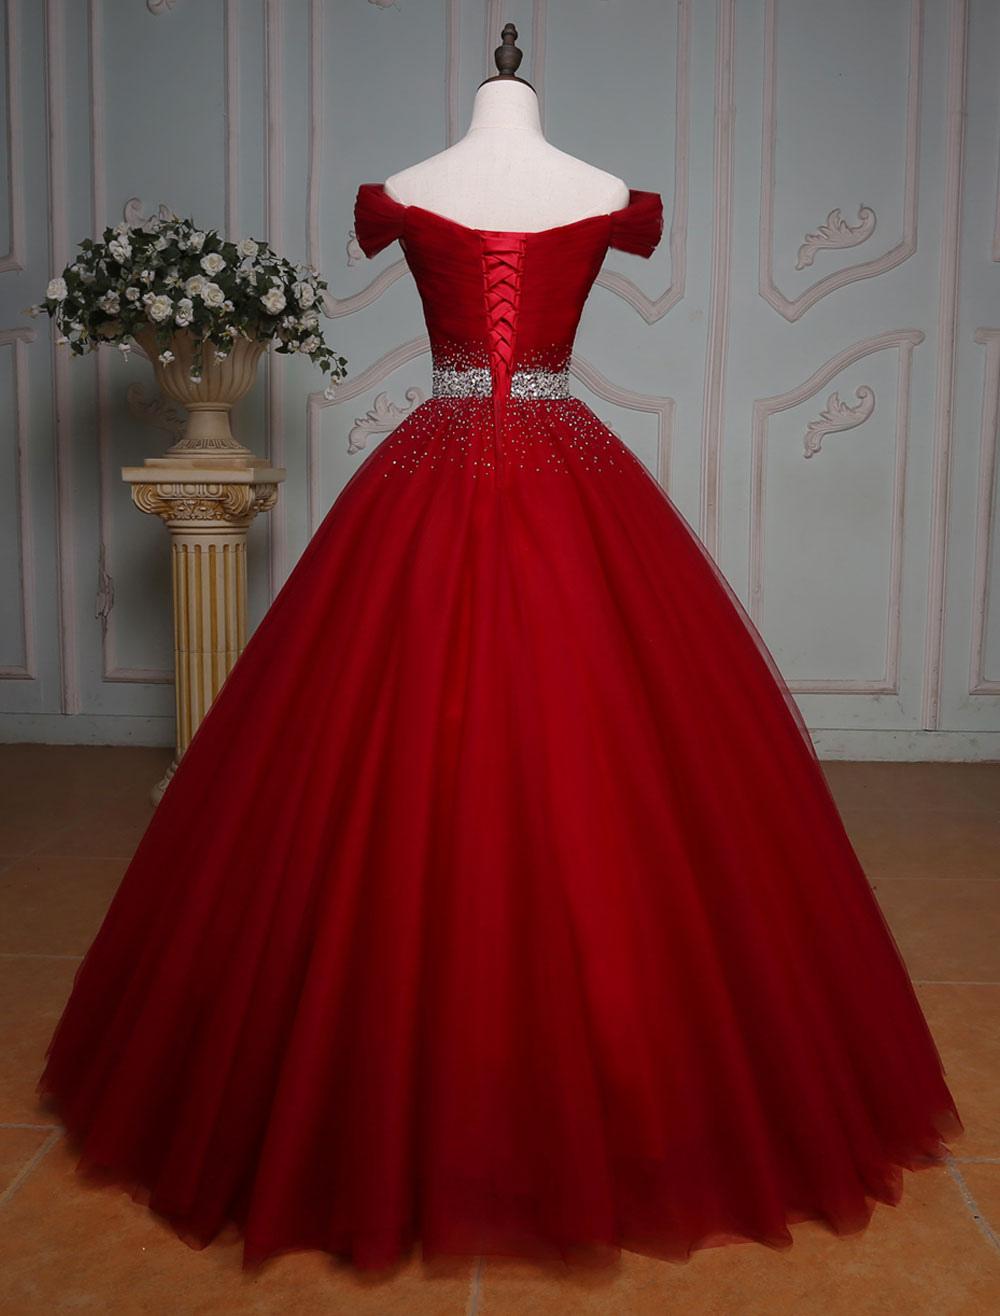 le magasin styles de mode le moins cher Robe princesse en satin mat bordeaux avec strass col bateau